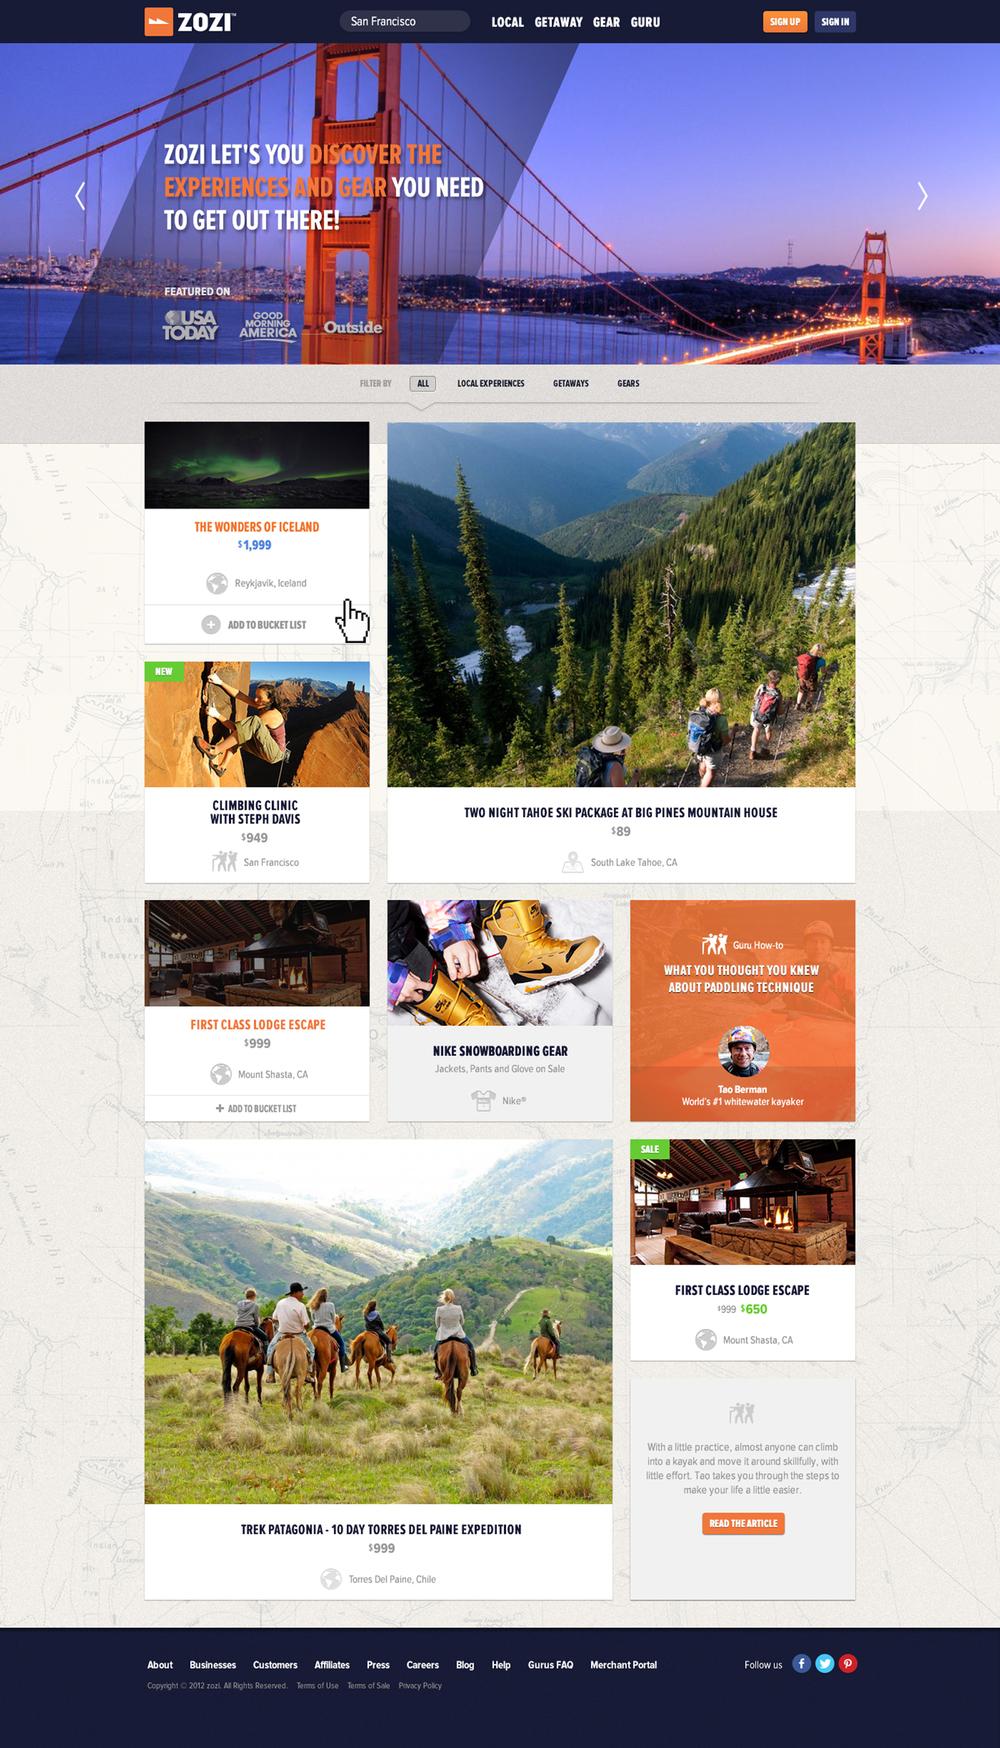 Zoz-homepage-jt1.jpg